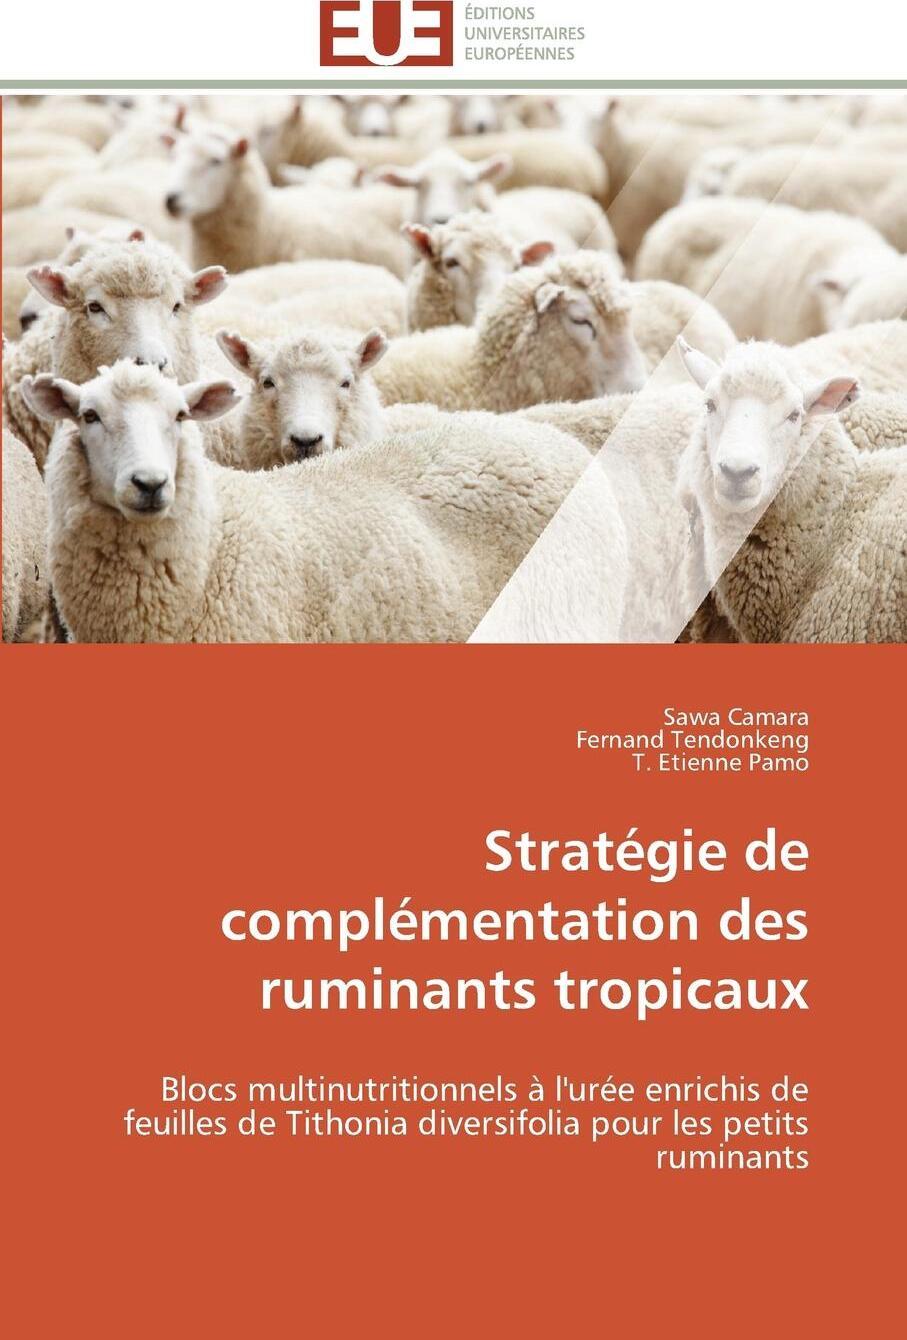 Strategie de complementation des ruminants tropicaux